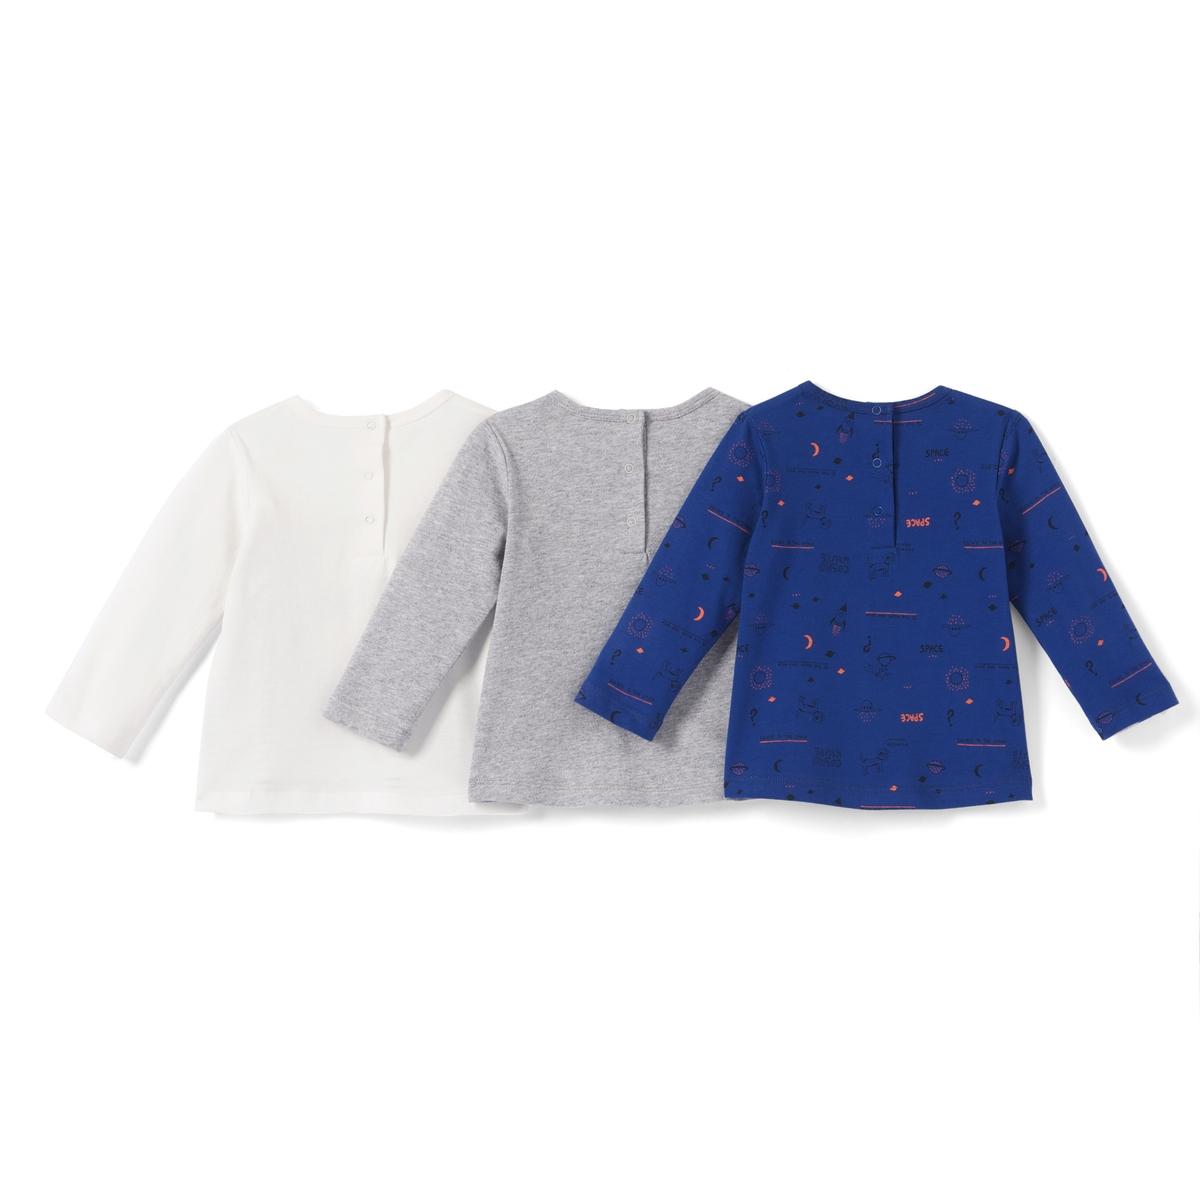 3 футболки с длинными рукавами, 1 мес. - 3 летОписание:Детали •  Длинные рукава •  Прямой покрой •  Круглый вырез •  Рисунок-принтСостав и уход •  100% хлопок •  Стирать при 40° • Средняя температура глажки / не отбеливать    • Барабанная сушка на слабом режиме   • Сухая чистка запрещена<br><br>Цвет: темно-синий + серый + экрю<br>Размер: 1 мес. - 54 см.18 мес. - 81 см.1 год - 74 см.9 мес. - 71 см.6 мес. - 67 см.3 мес. - 60 см.2 года - 86 см